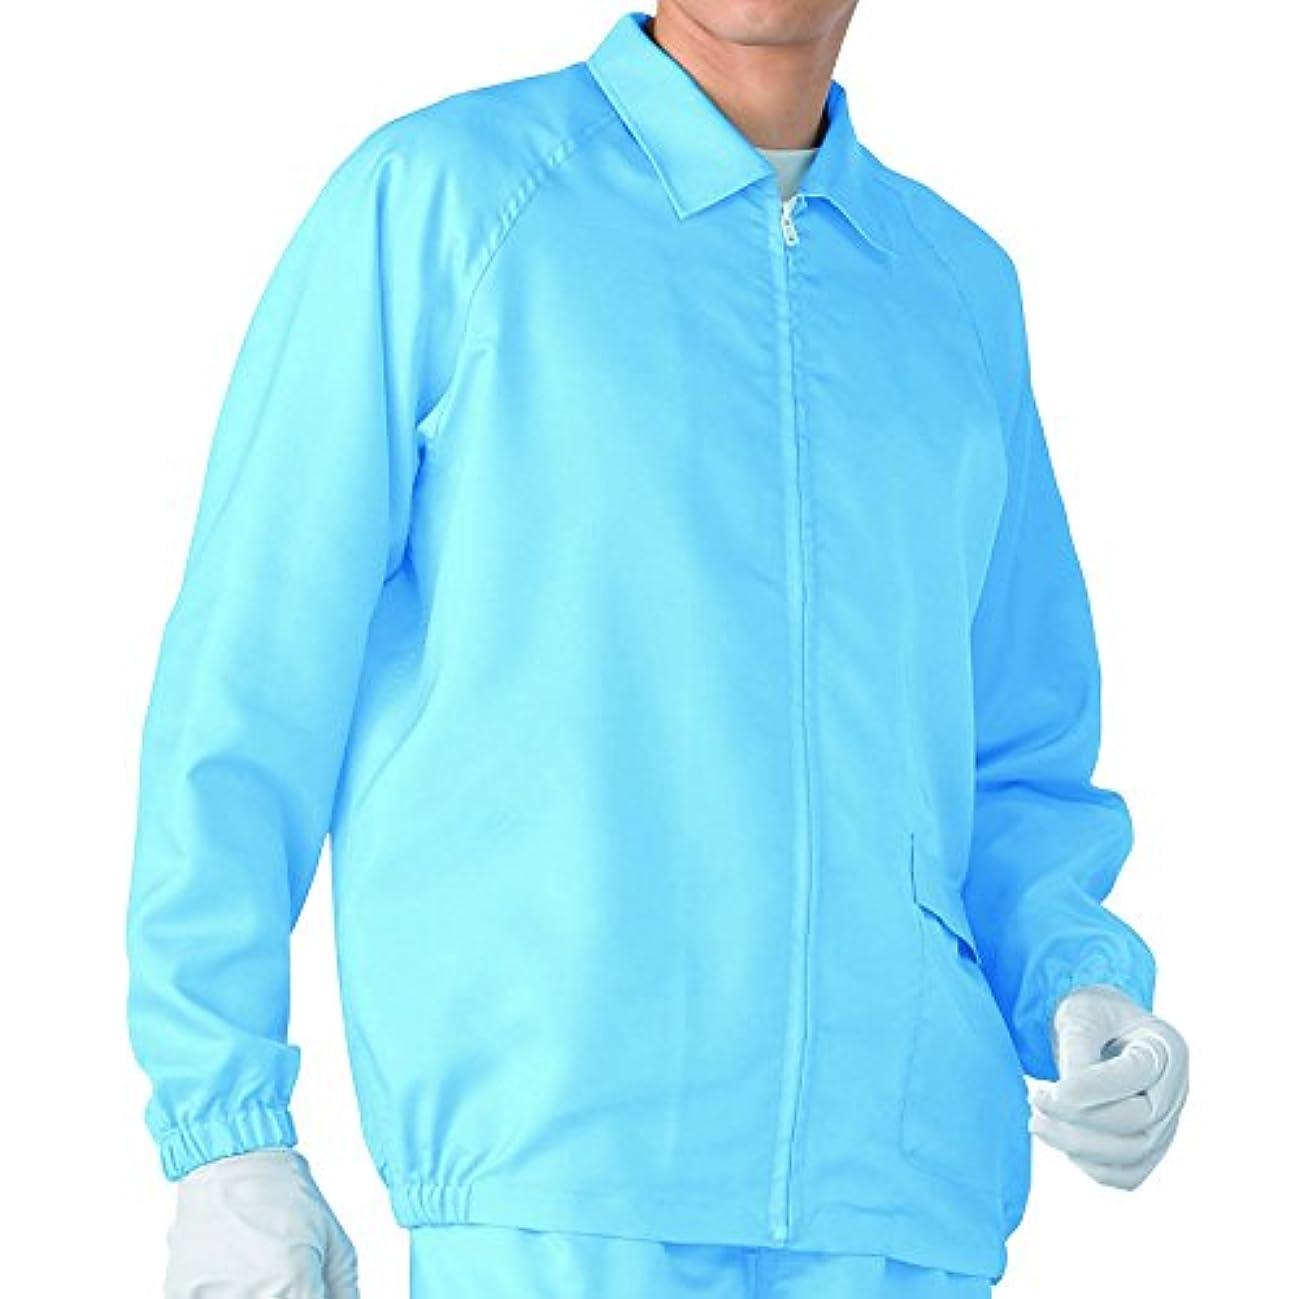 外科医候補者試験アズワン 無塵衣AS203C 上衣 ブルー